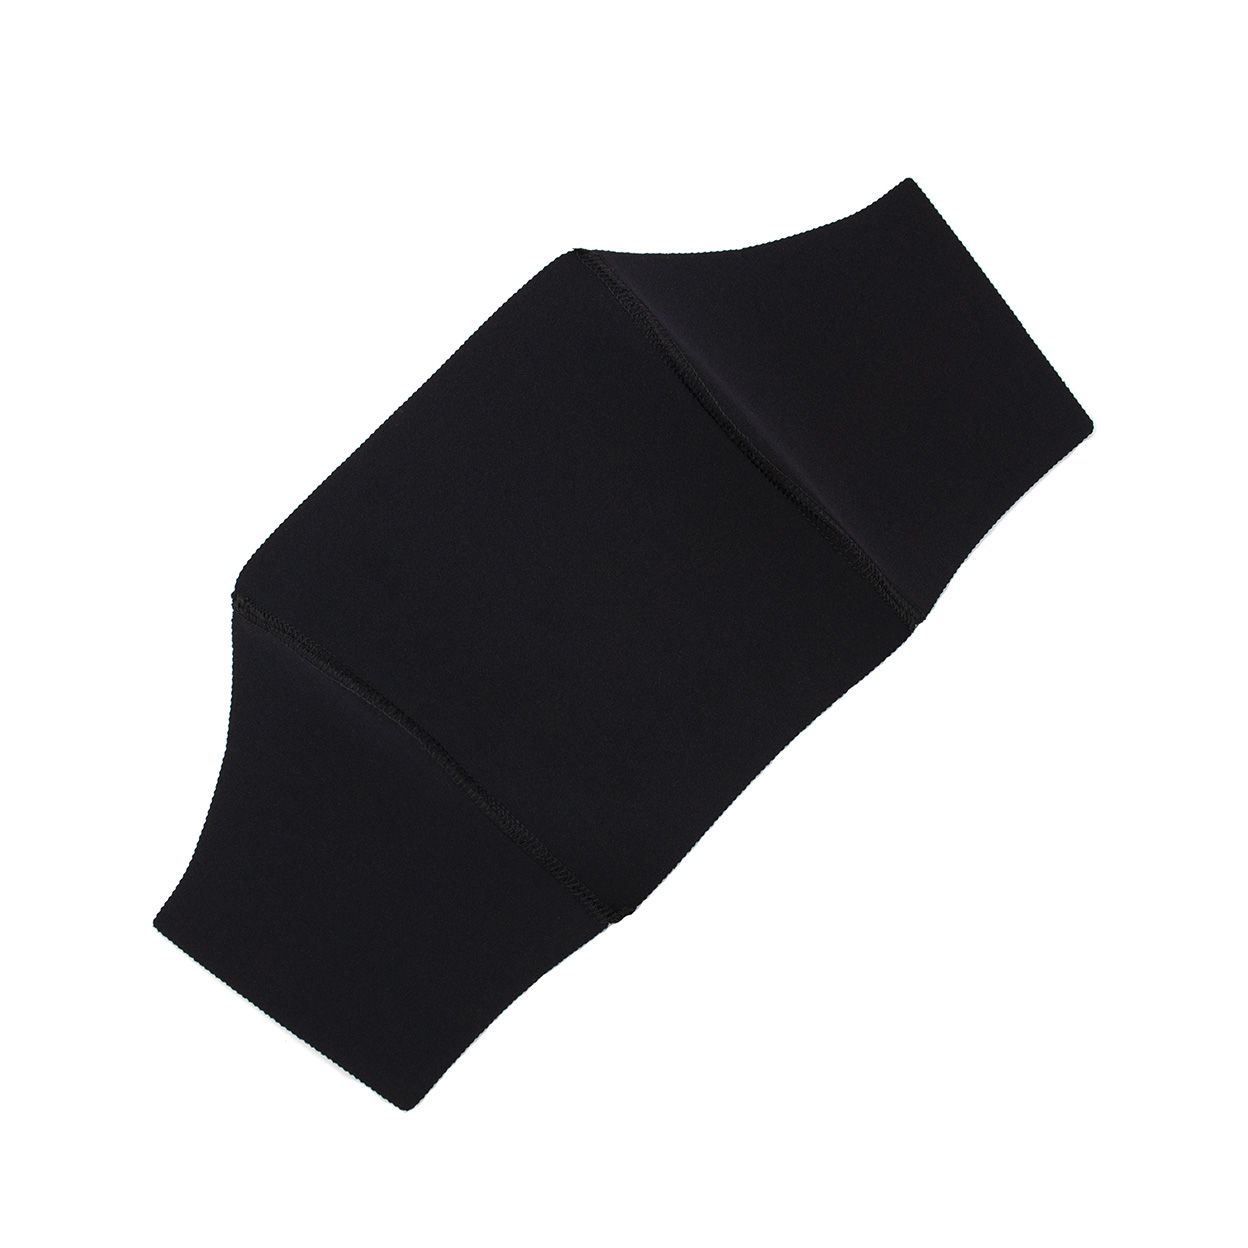 K-03.1032 (K-03.306) Вкладыш для корсетных изделий, черный, р. 42